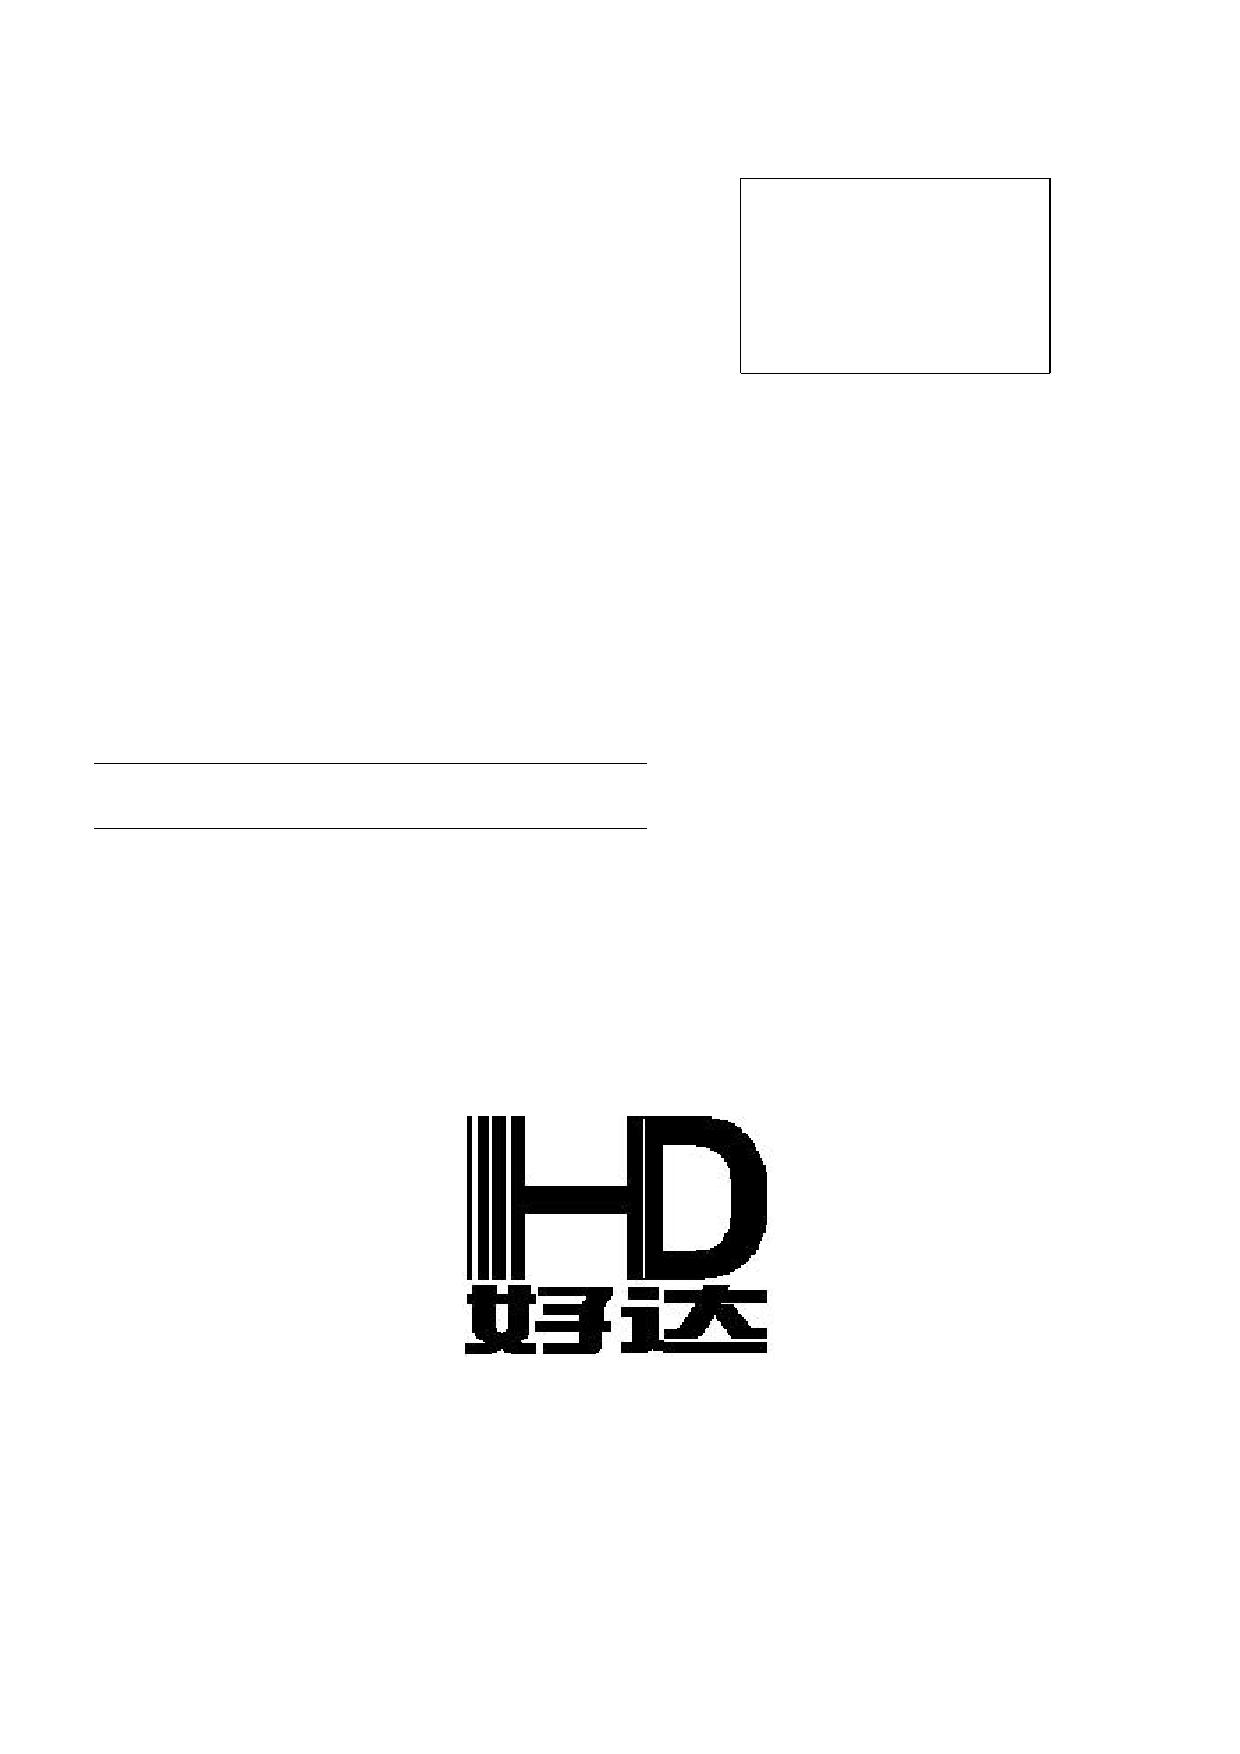 HDAF389A9D دیتاشیت PDF